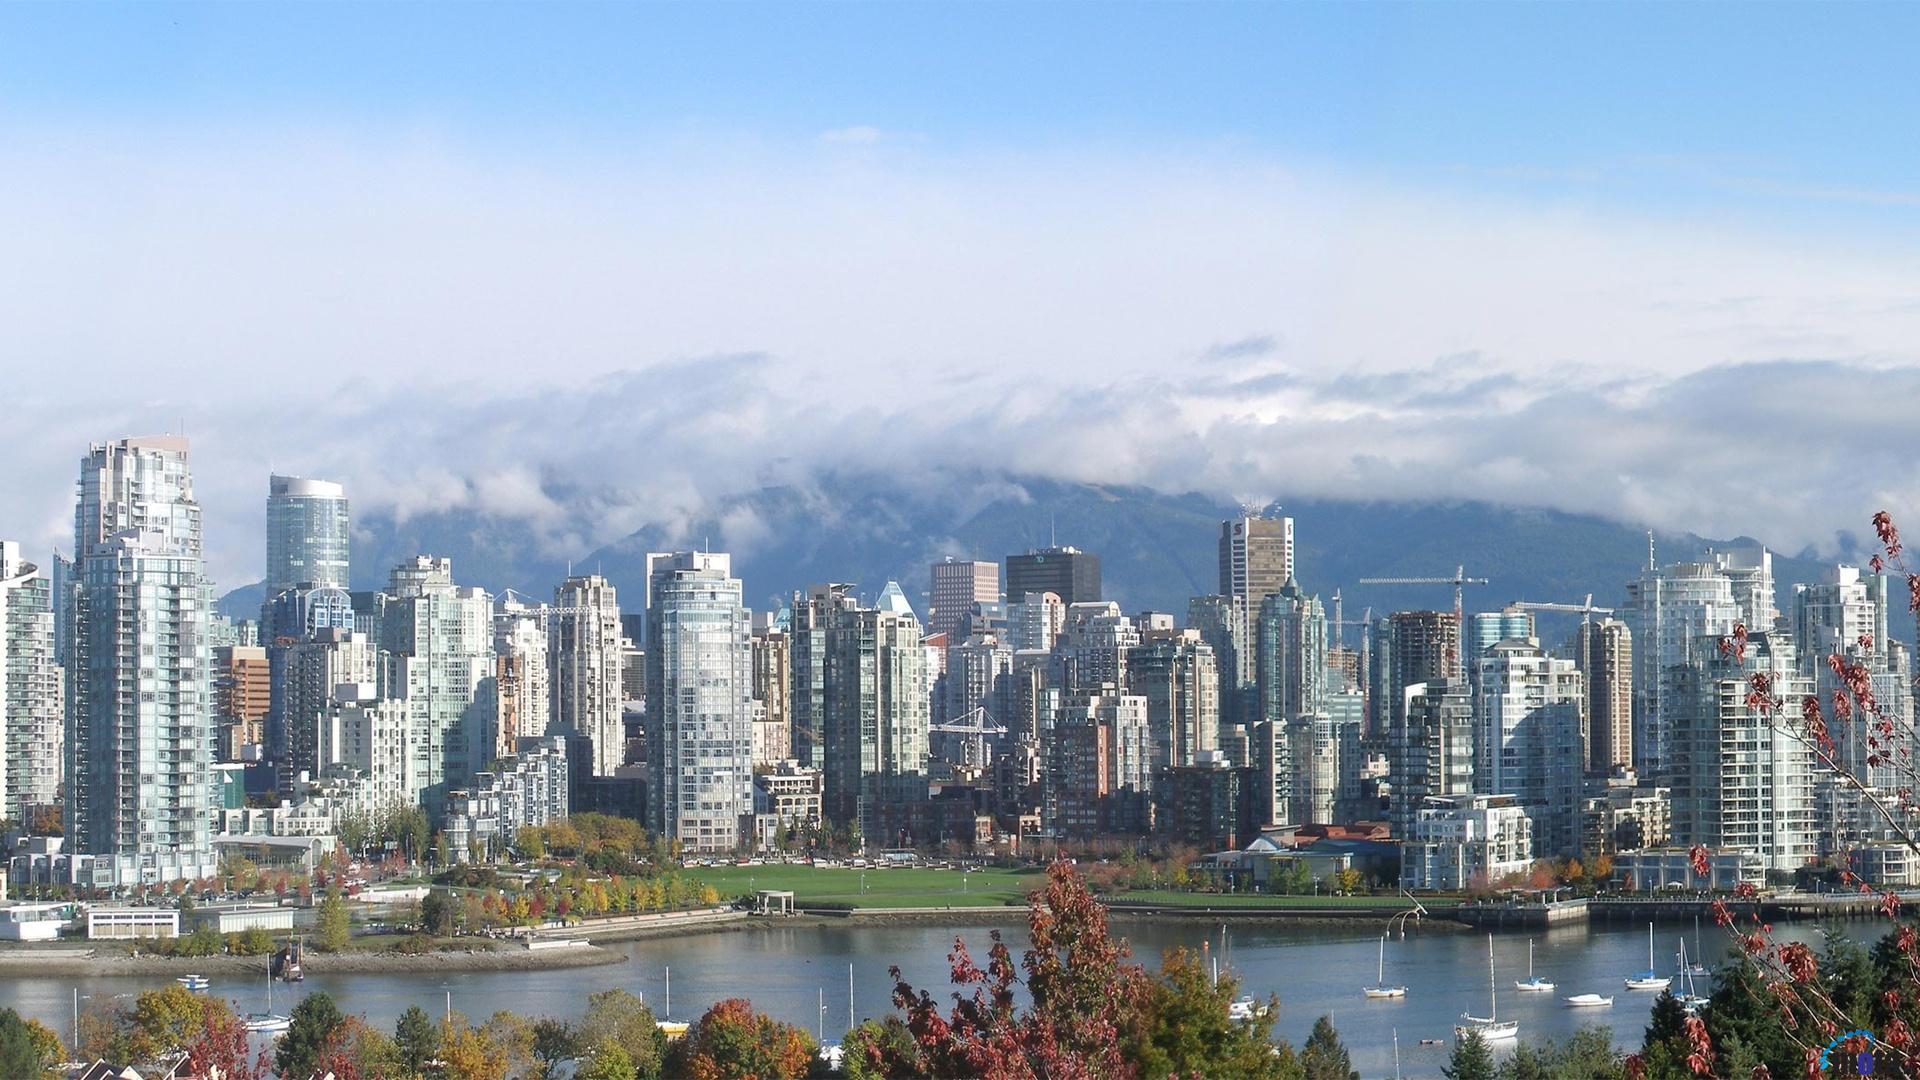 Wallpaper Vancouver landscape 1920 x 1080 HDTV 1080p Desktop 1920x1080